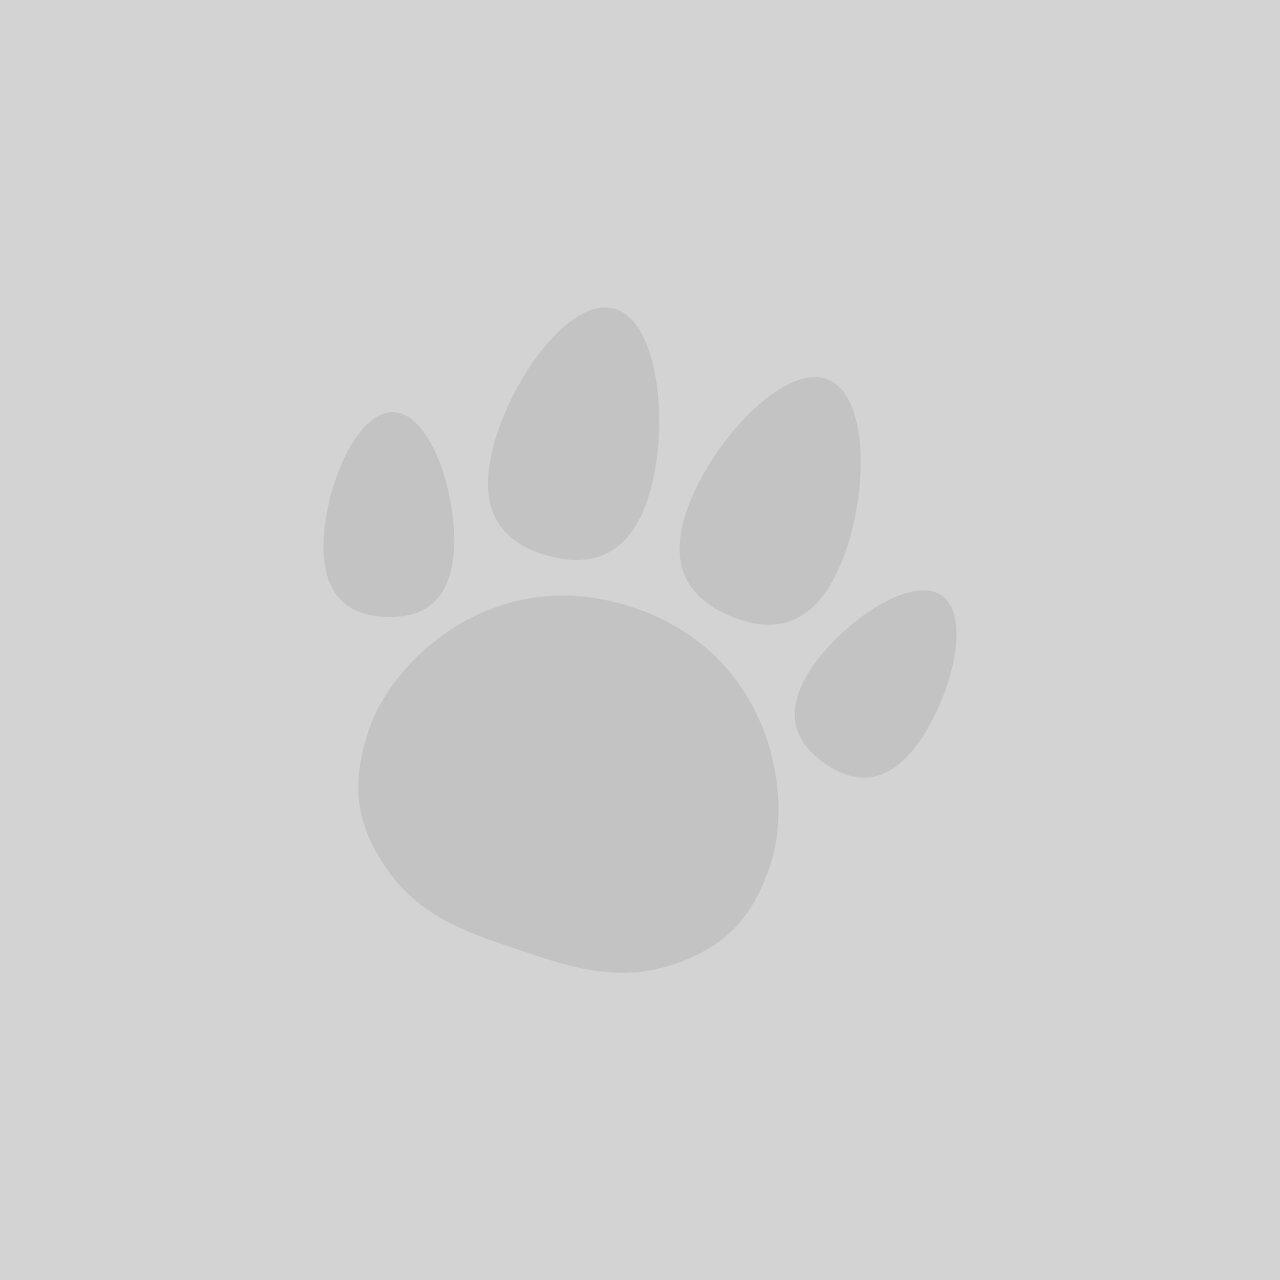 Hungry Hounds Puppy/Training Treats Vanilla 35g